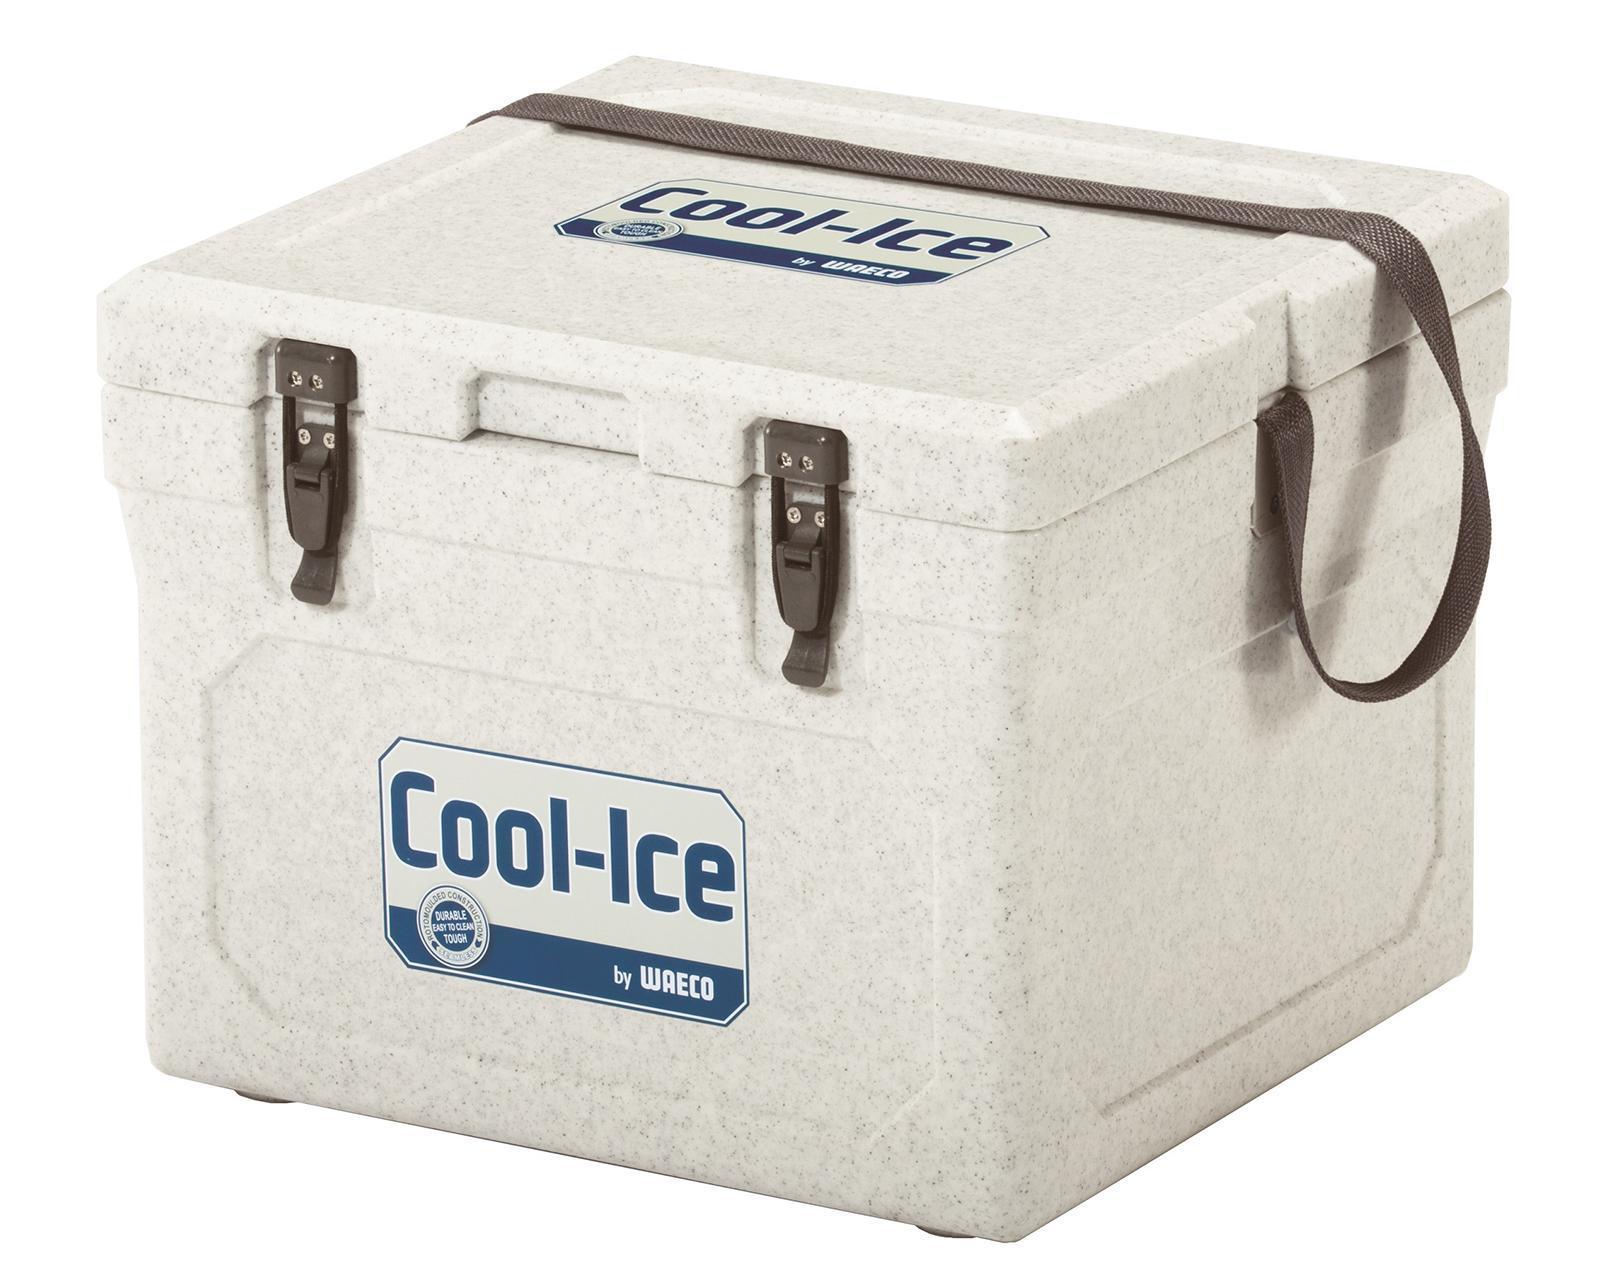 WAECO Cool-Ice WCI-22 изотермический контейнер, 22 лWCI-22Термобокс WAECO Cool Ice WCI 22 имеет особое лабиринтное уплотнение, которое не дает попадать теплому воздуху во внутрь. Эта система LABYRINTH SEAL - которая дает возможность сохранять необходимую температуру дольше. Термобокс сделан из термостойких, гигиеничных материалов. Cool Ice WCI-22 имеет защиту от ультрафиолетового излучения, очень легко моется и оснащен надежными защелками, петли сделаны из нержавеющей стали. Для удобства в транспортировке, предусмотрен ремень. Также предусмотрено отверстие для слива конденсата в корпусе. Вес термобокса, всего 4,2 кг.